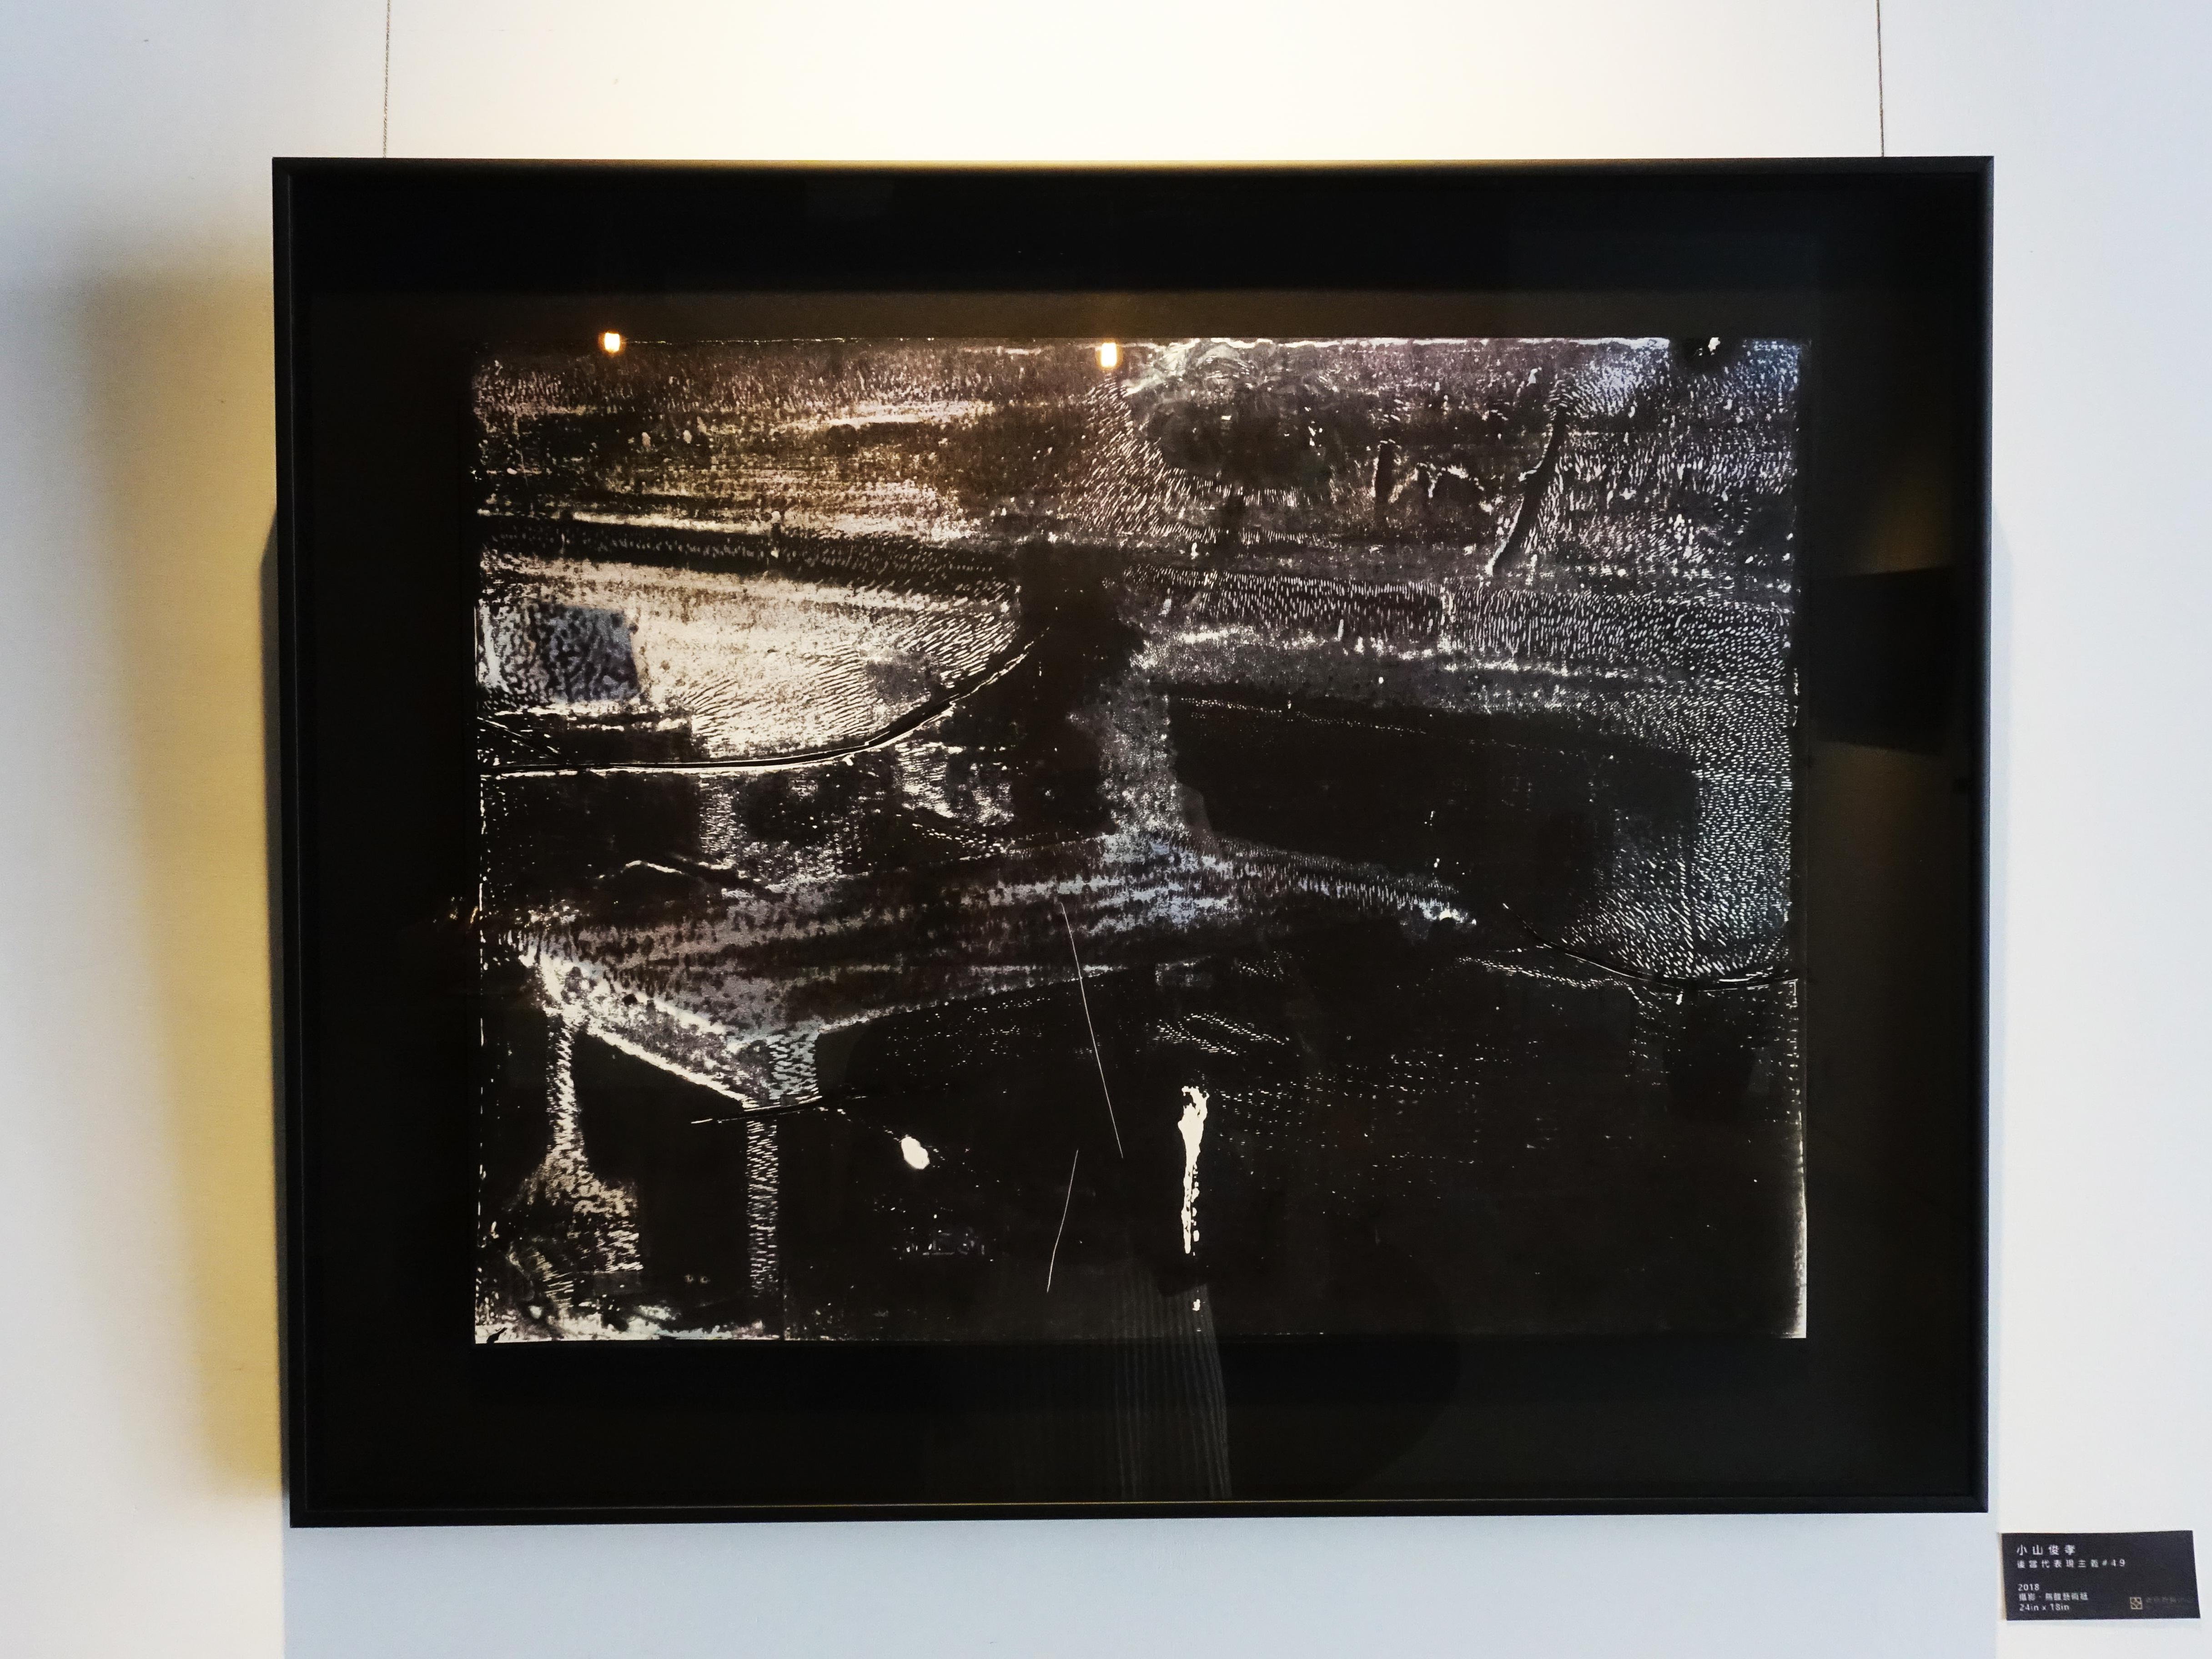 小山俊孝,《後當代表現主義#49》,24 x 18 in,攝影、無酸藝術紙,2018。